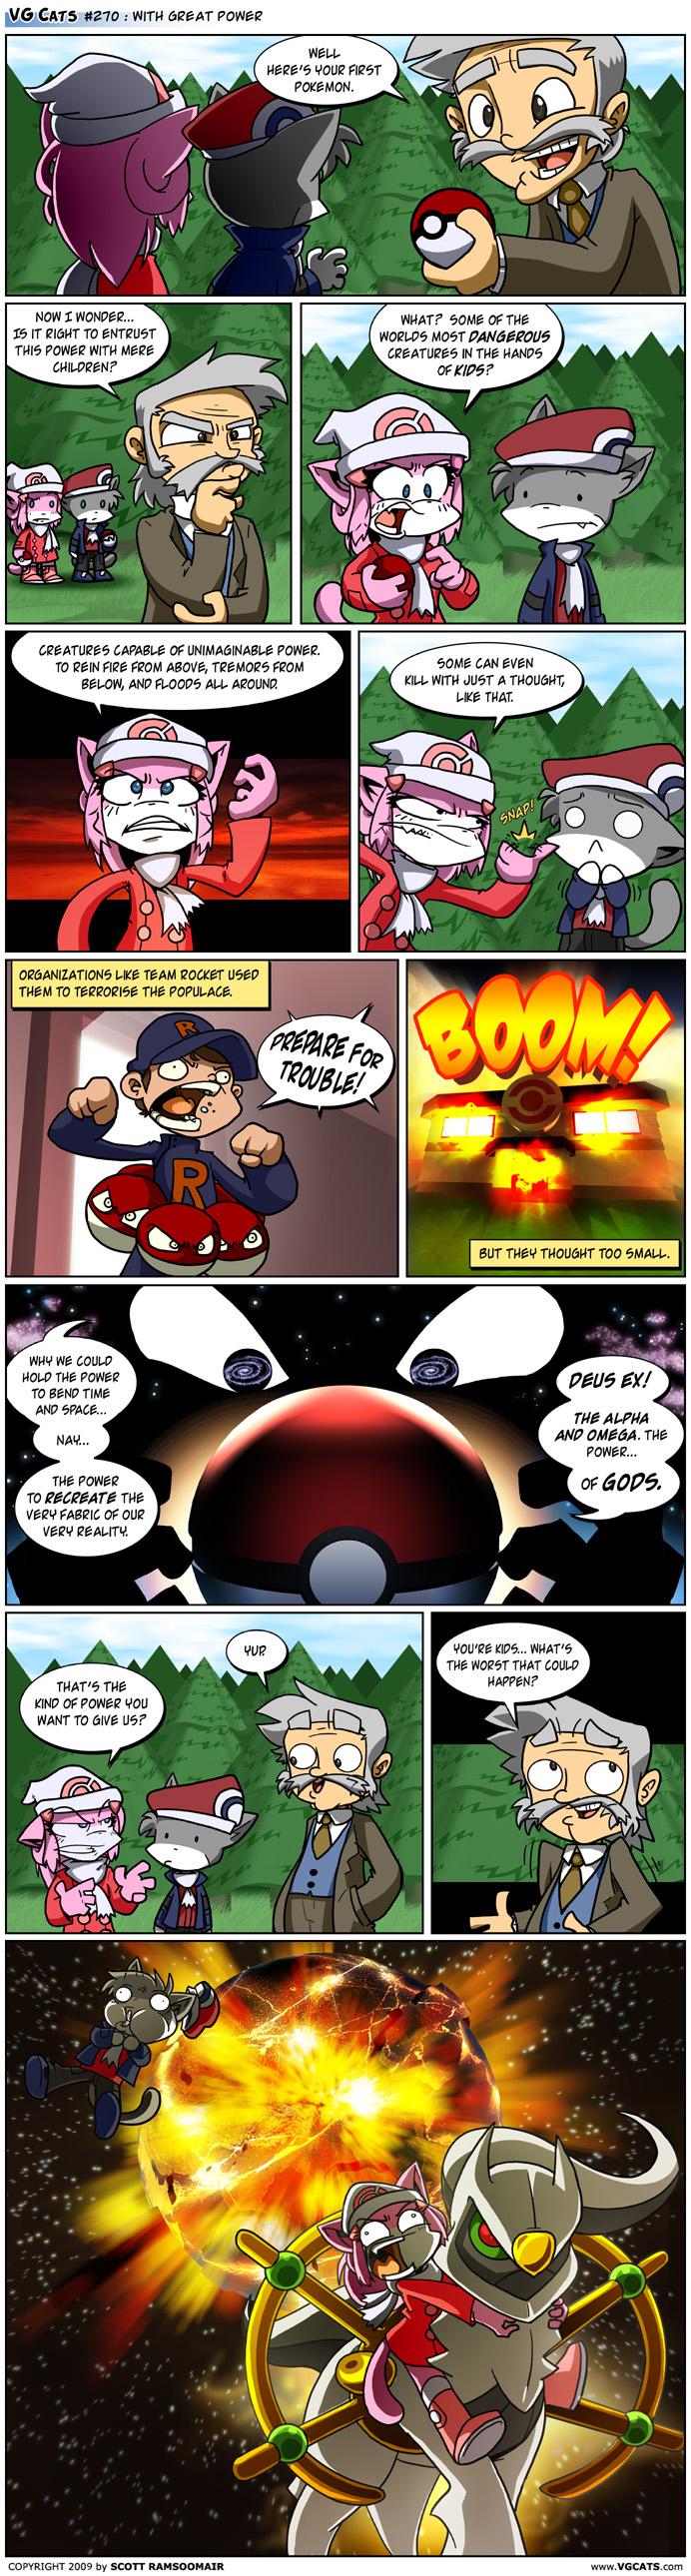 serie-images-pokemons-11